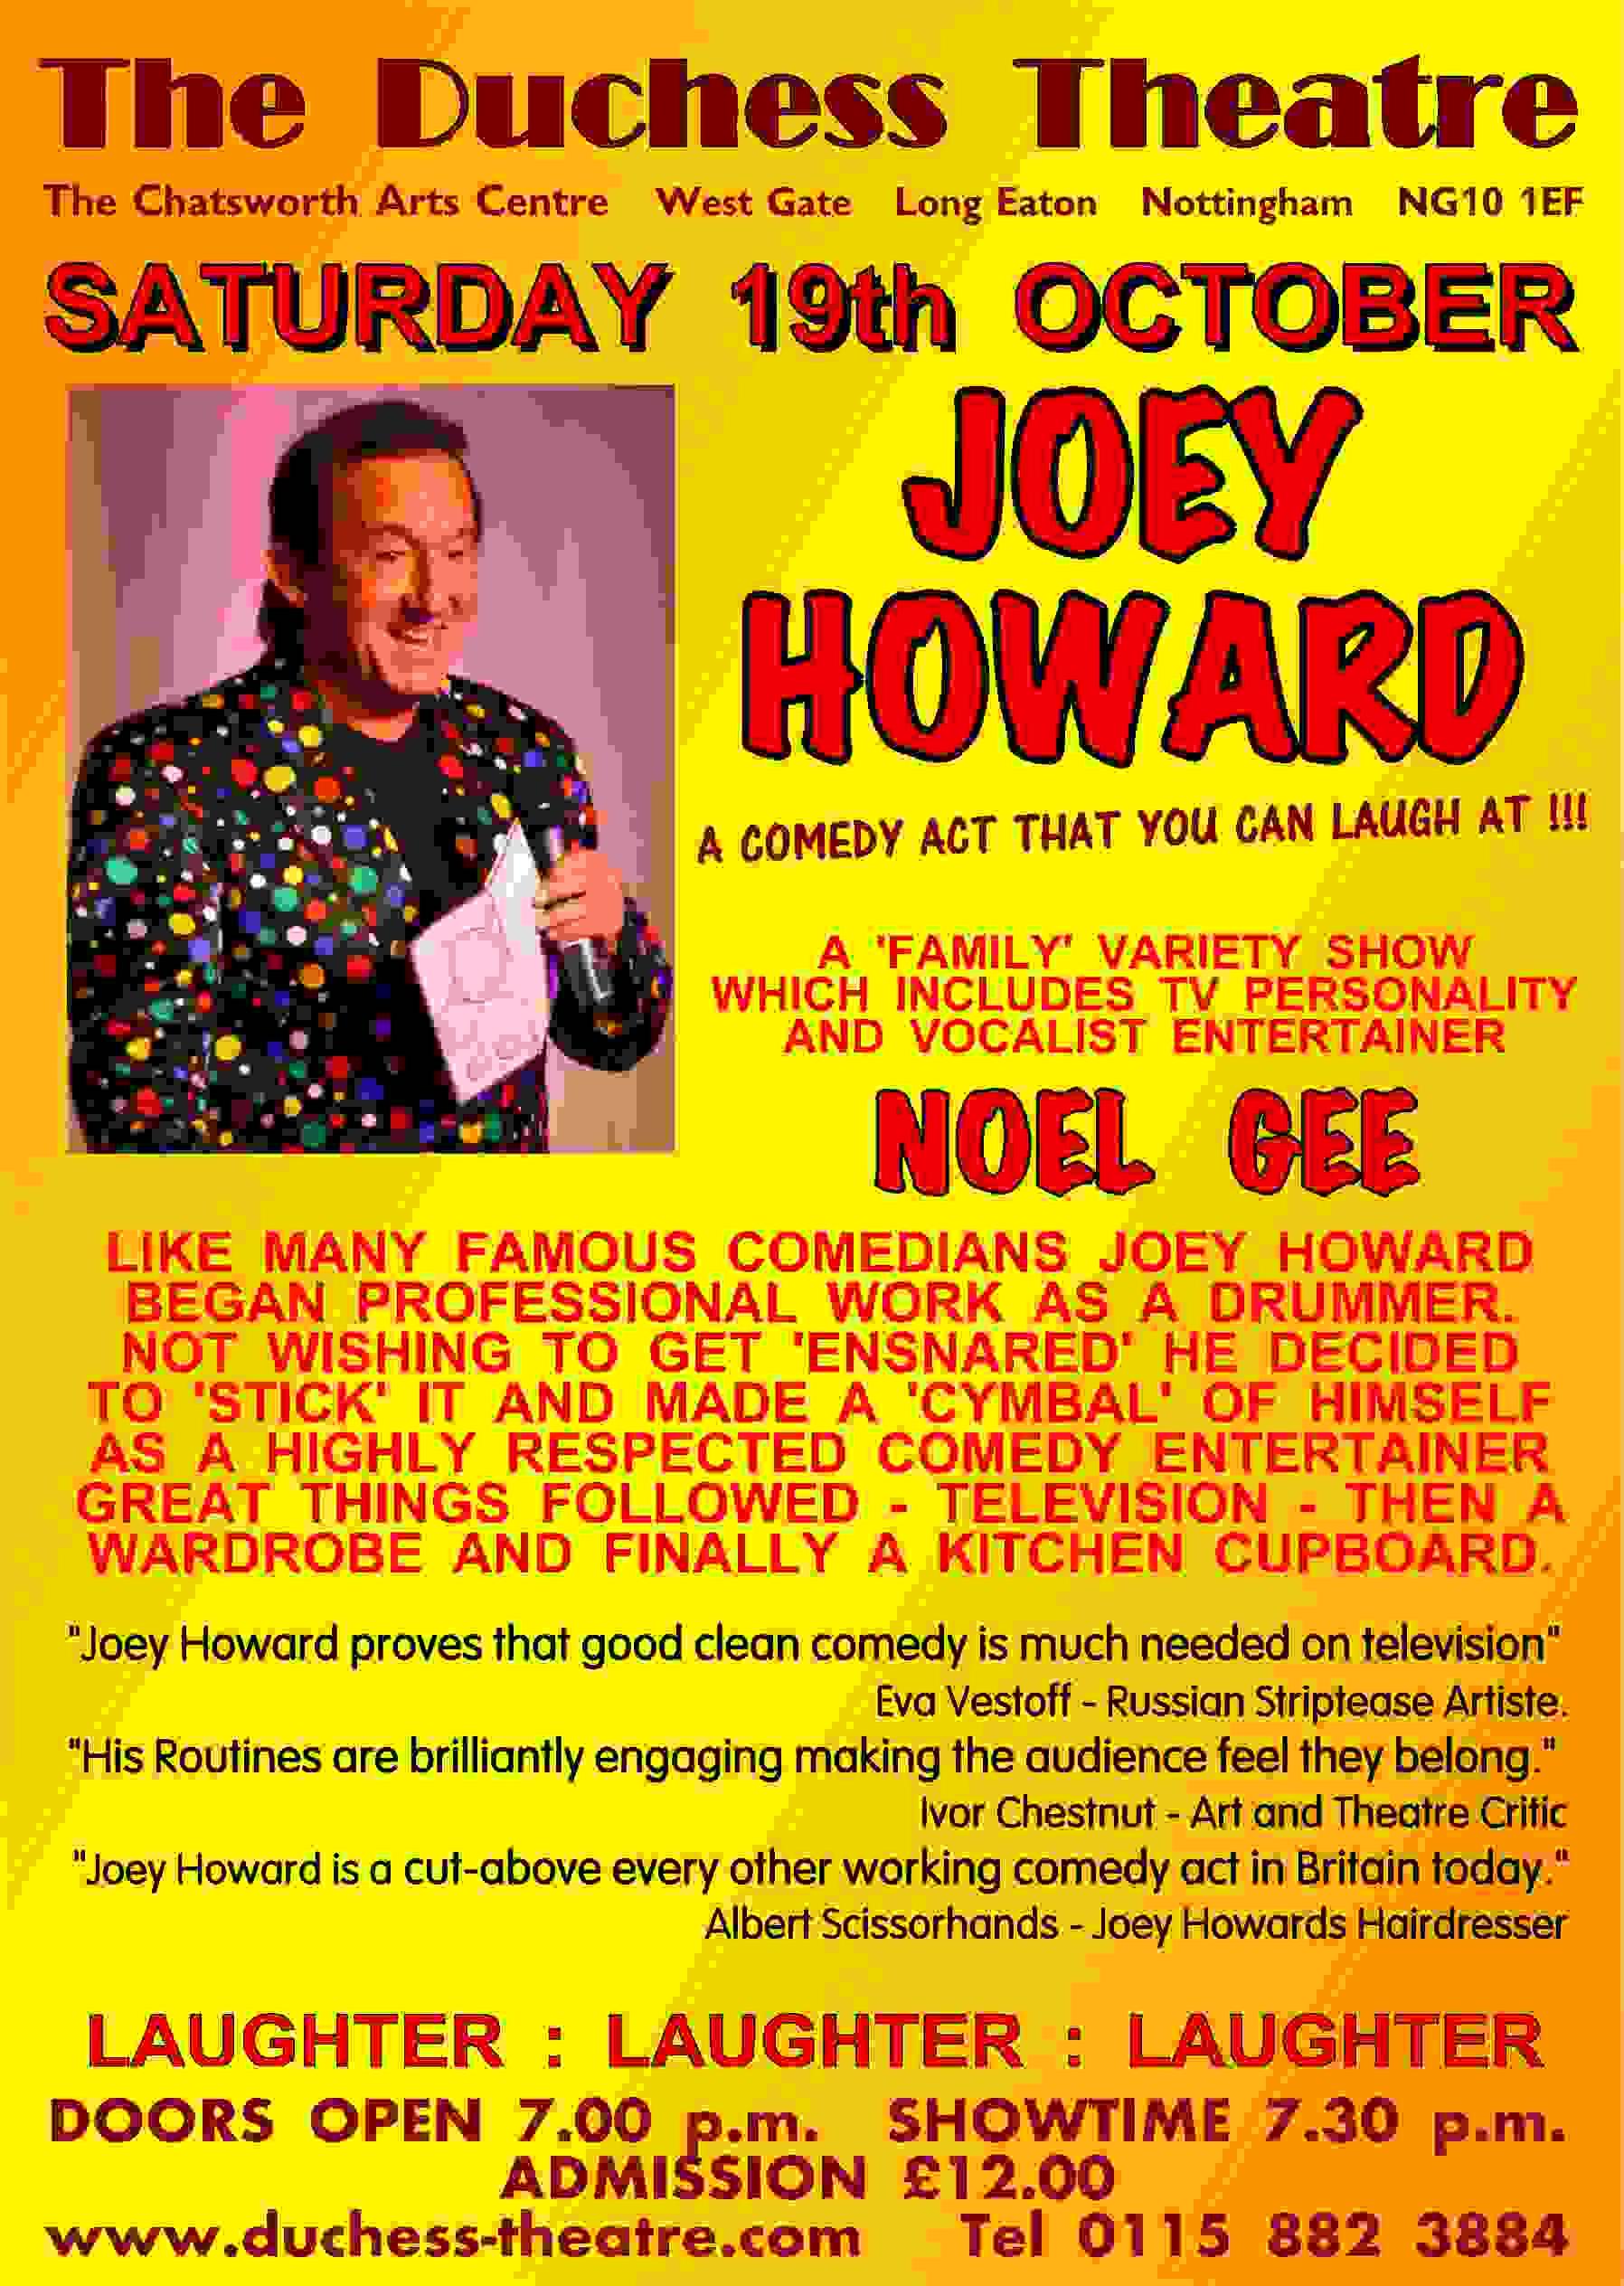 JOEY HOWARD Comedian - Noel Gee Presents banner image